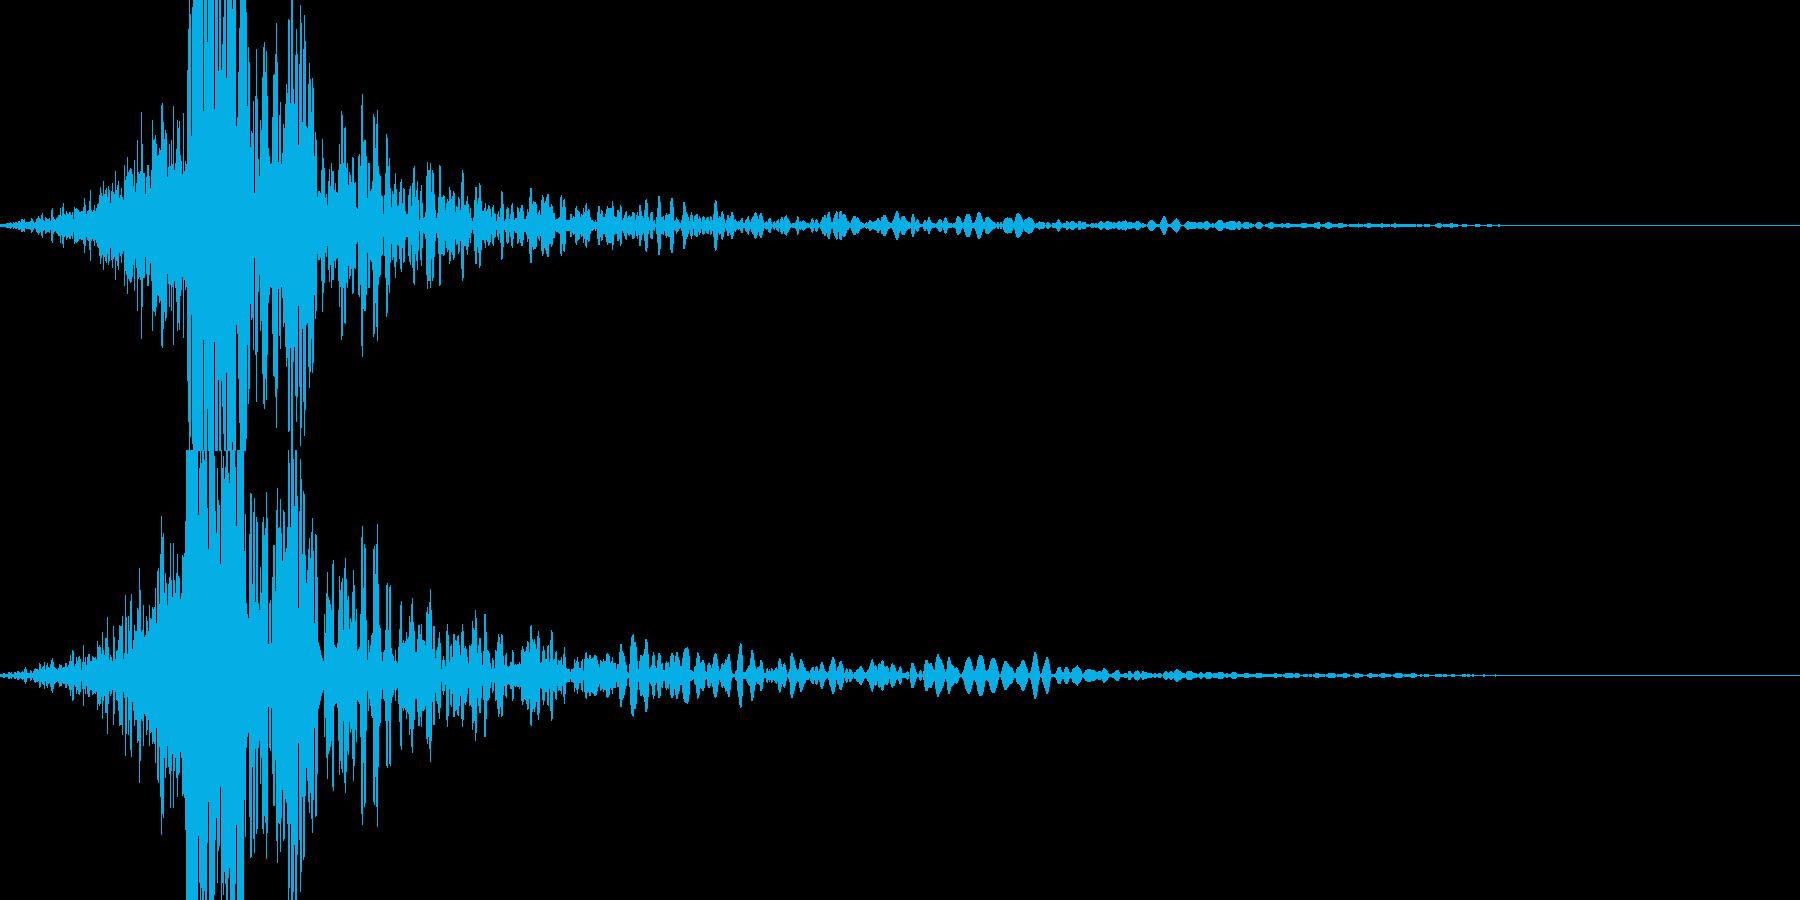 シューン!ズドンツツ!! / 衝撃音の再生済みの波形